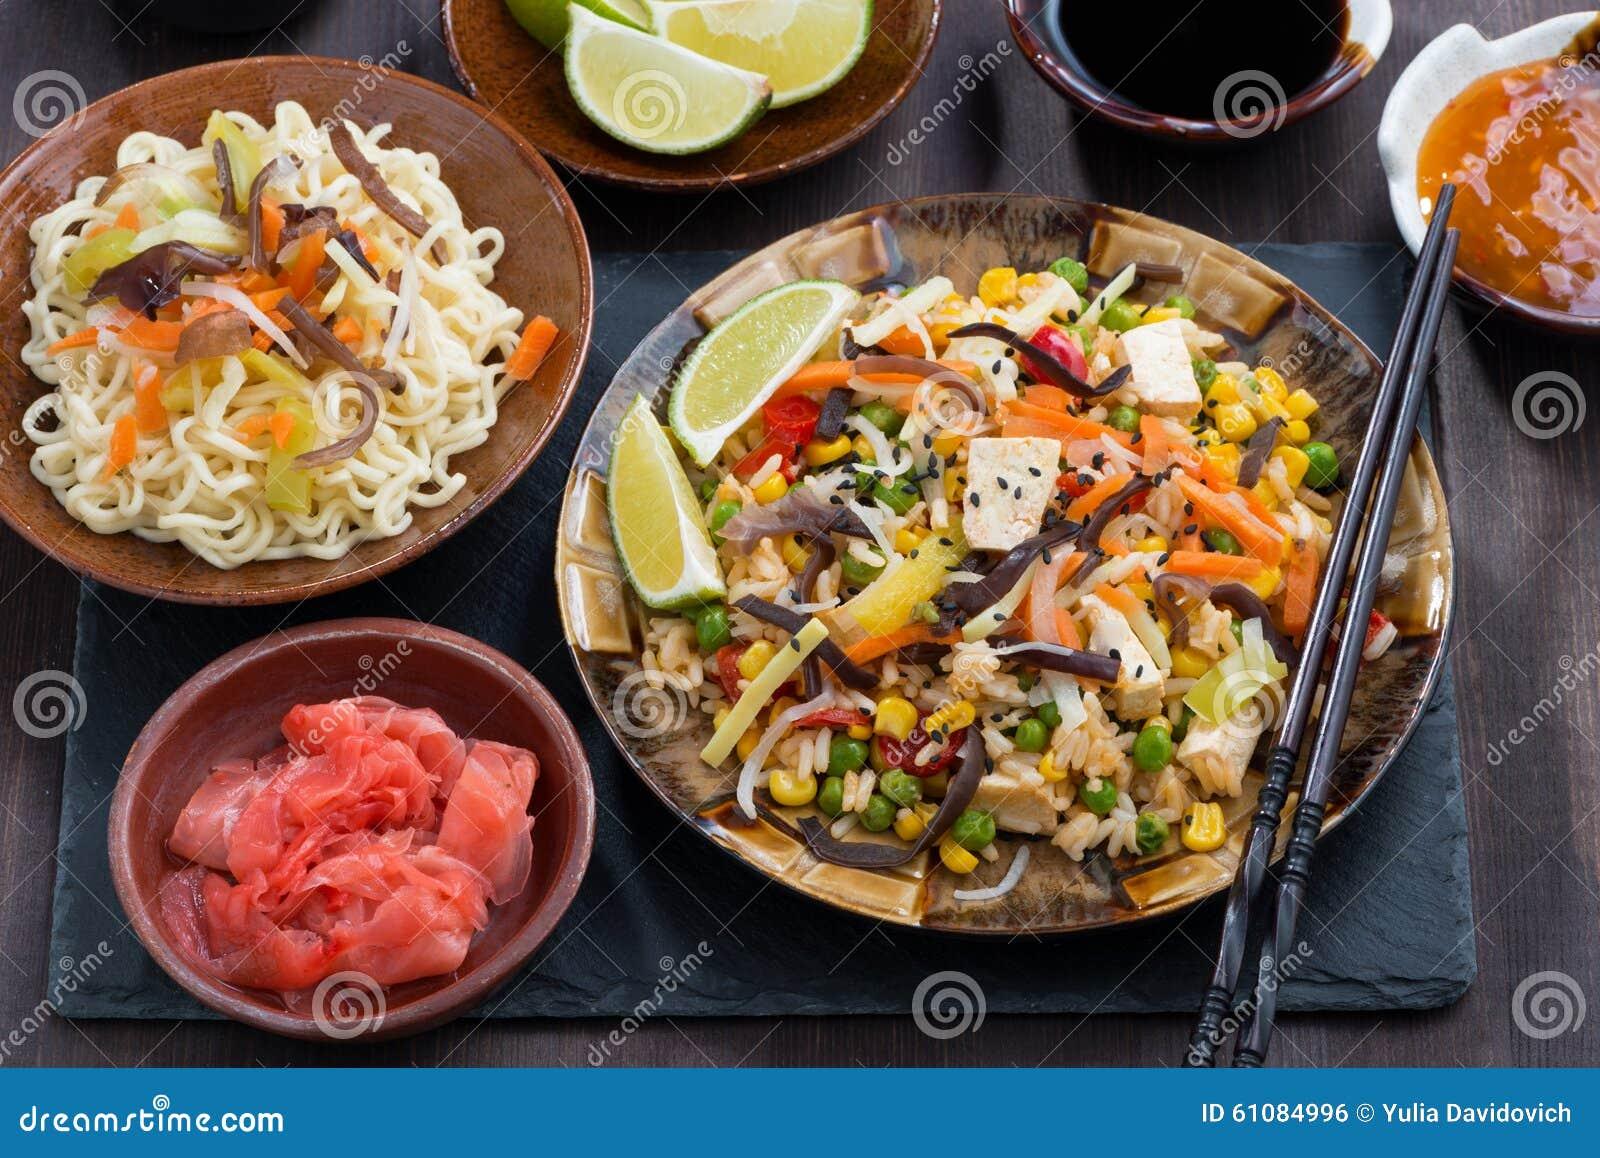 Asiatisk lunch - stekt ris med tofuen och grönsaker, bästa sikt